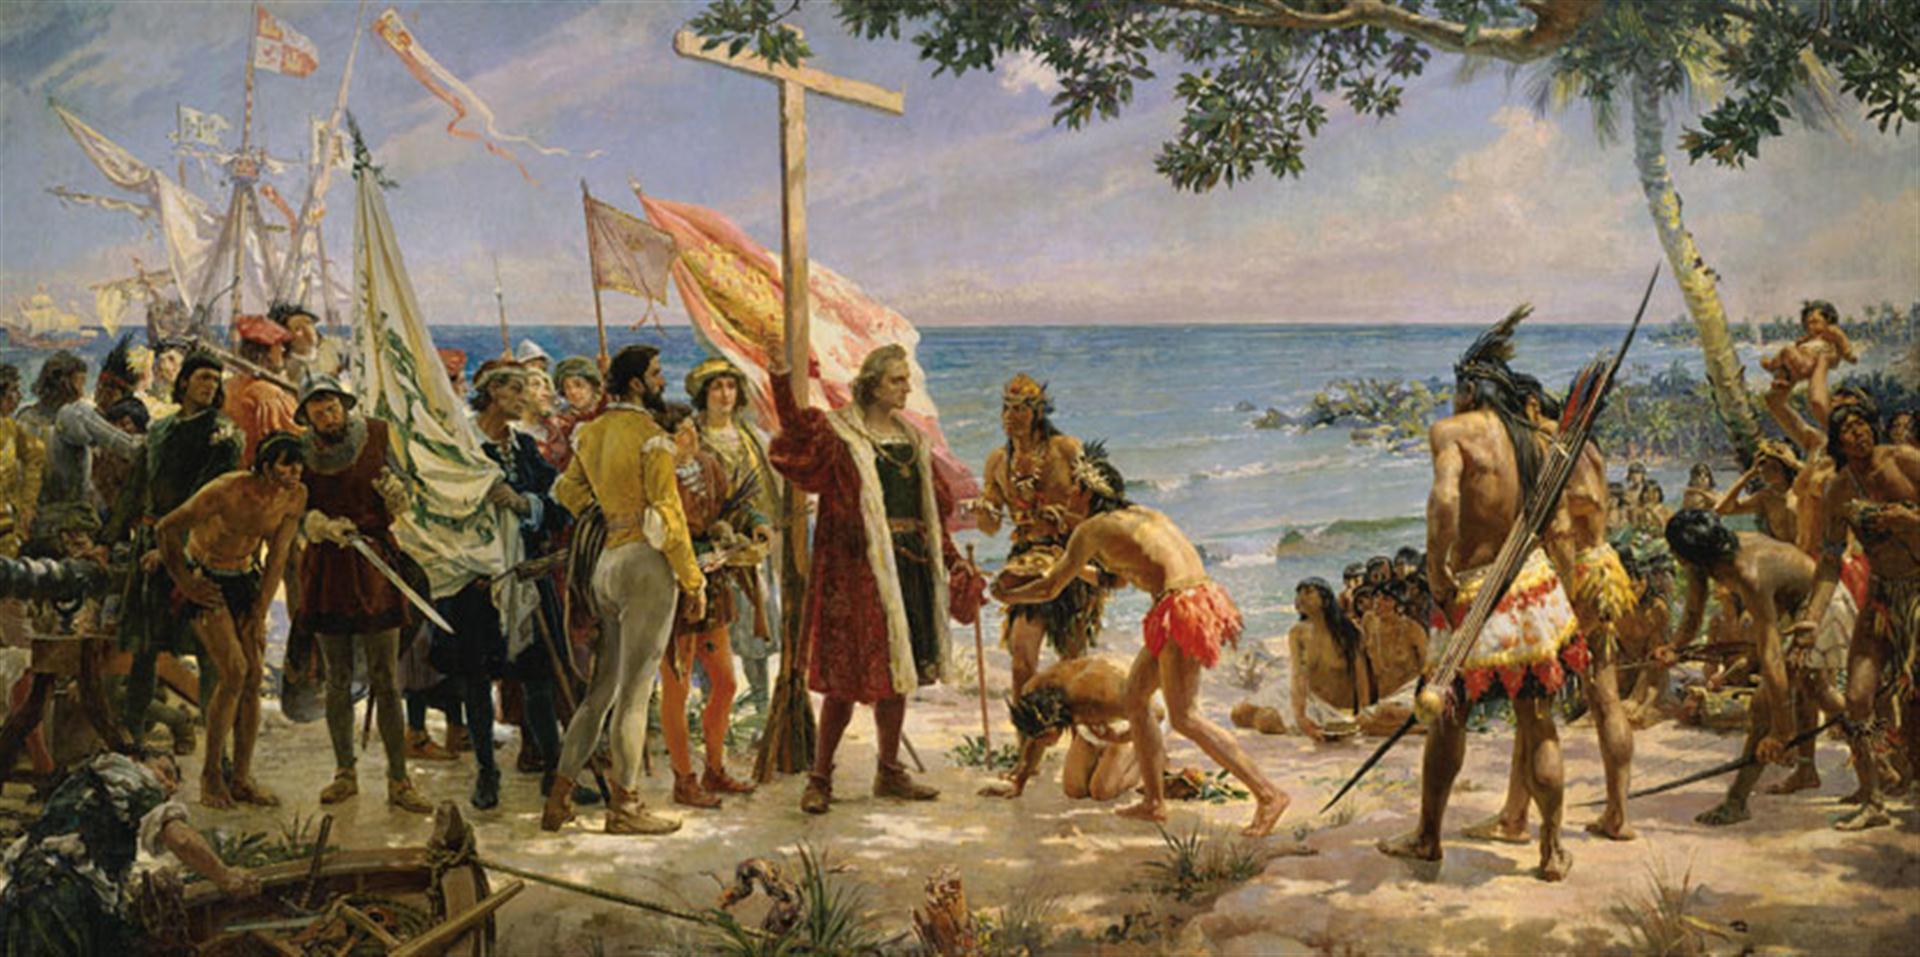 Por Qué Se Acusa A Los Españoles De Haber Cometido Genocidio En El